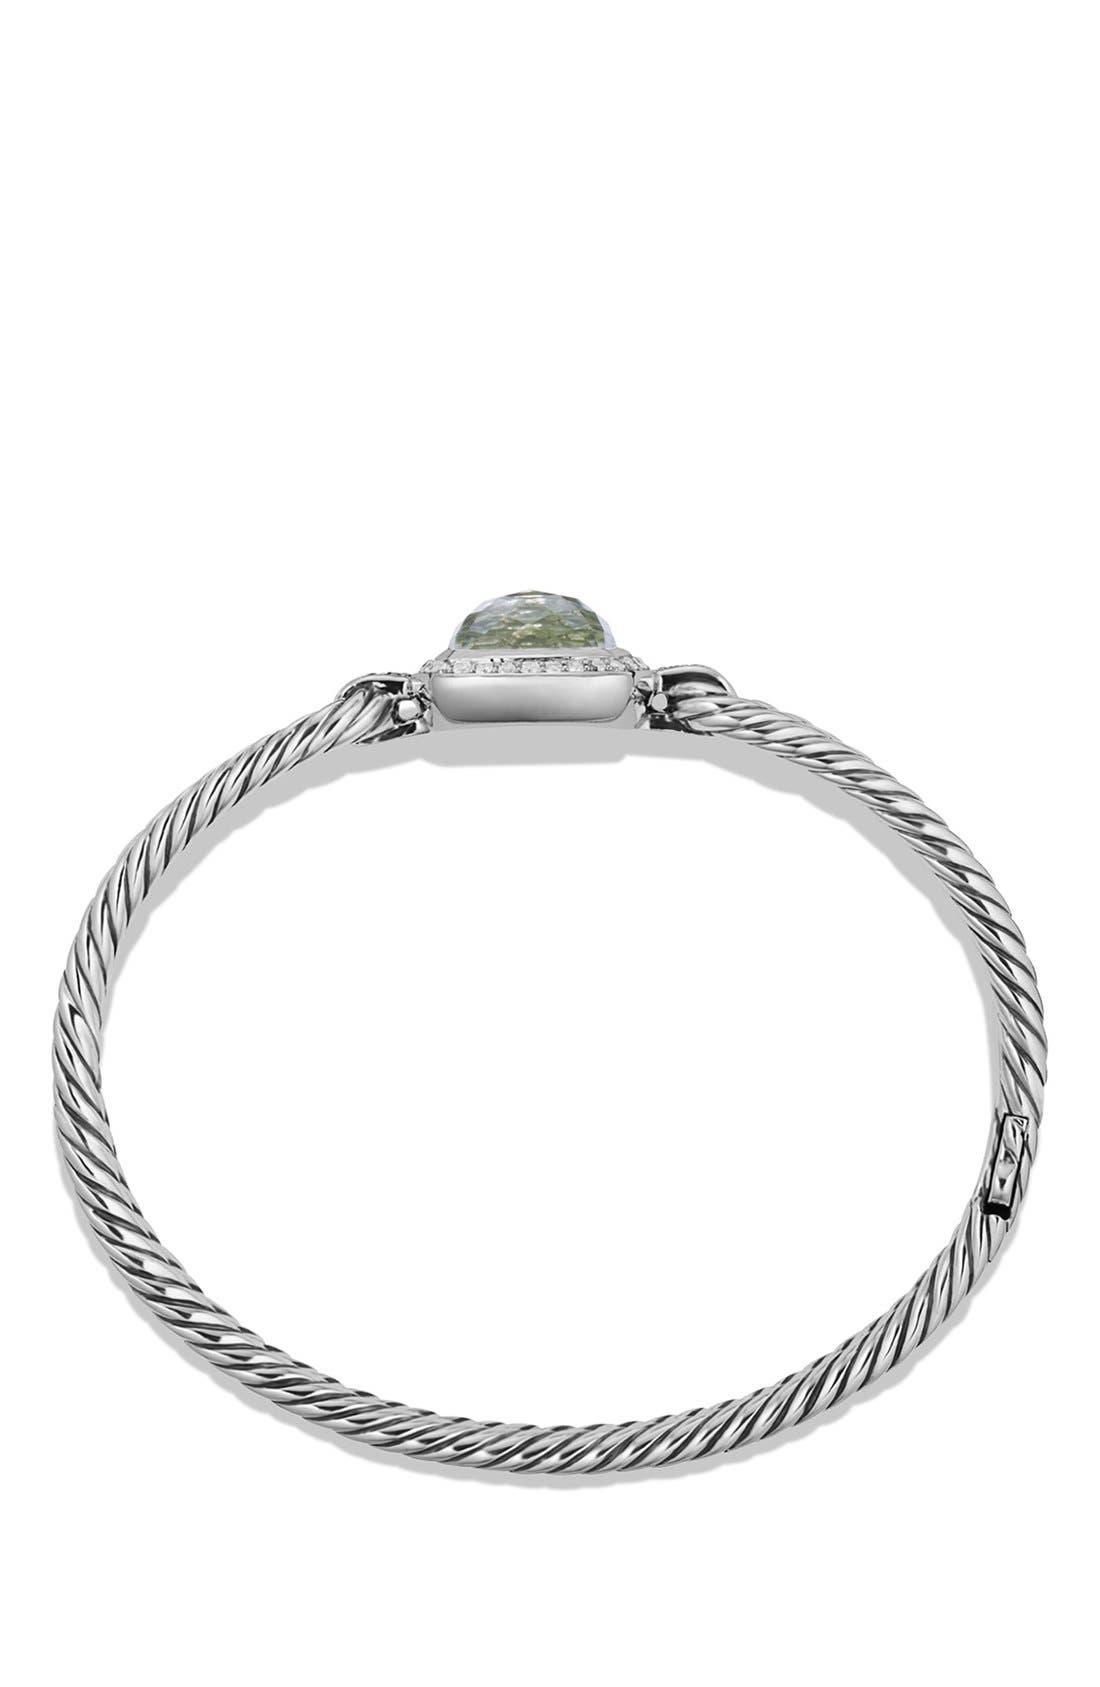 Alternate Image 2  - David Yurman 'Albion' Bracelet with Semiprecious Stone and Diamonds